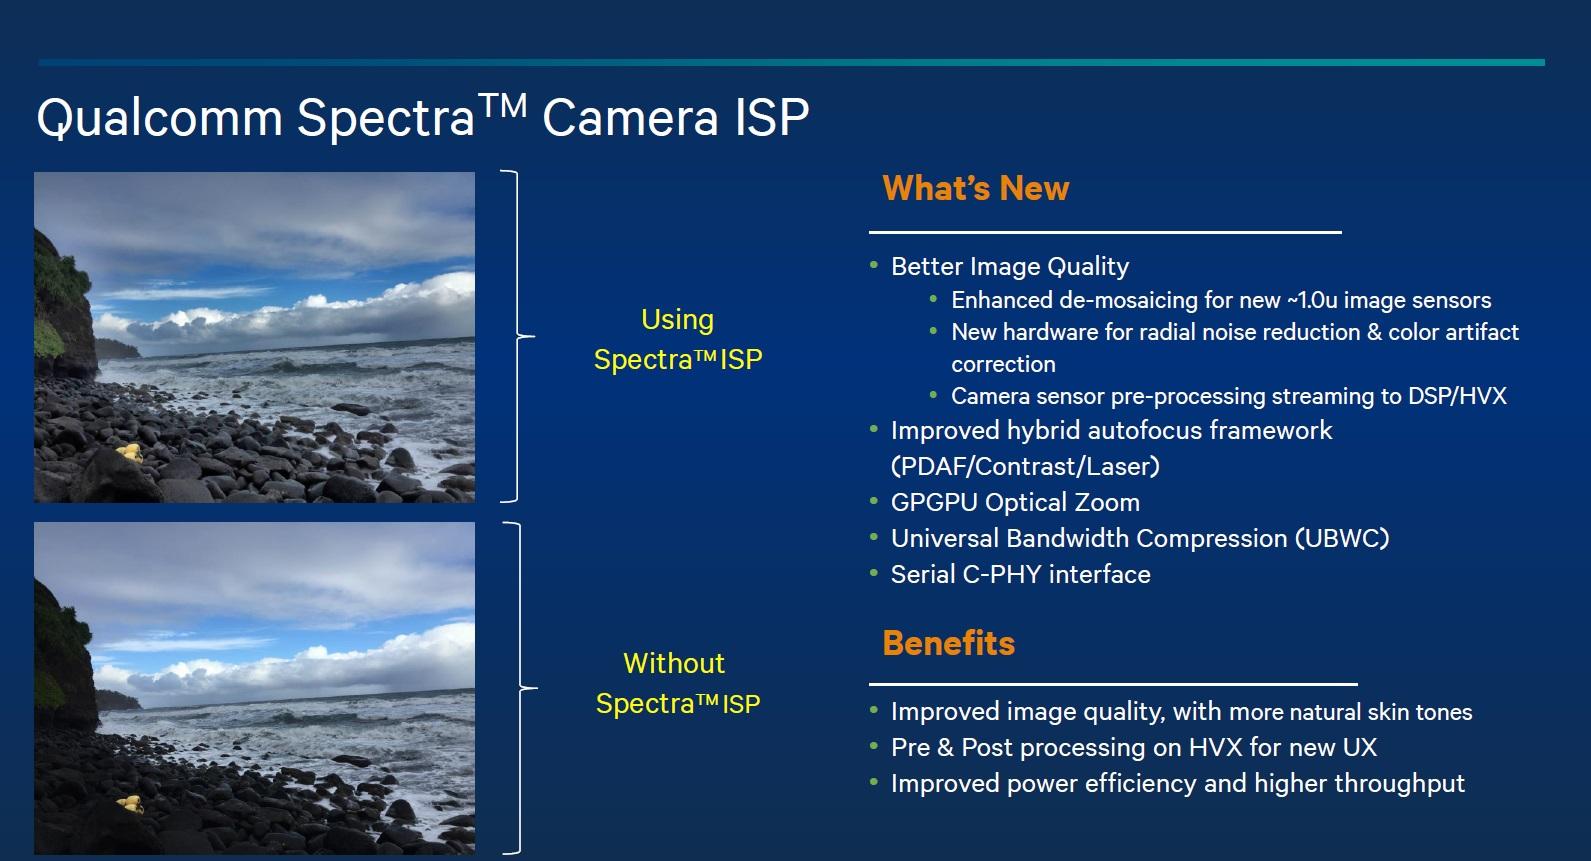 Snapdragon 820-spectra-isp-1